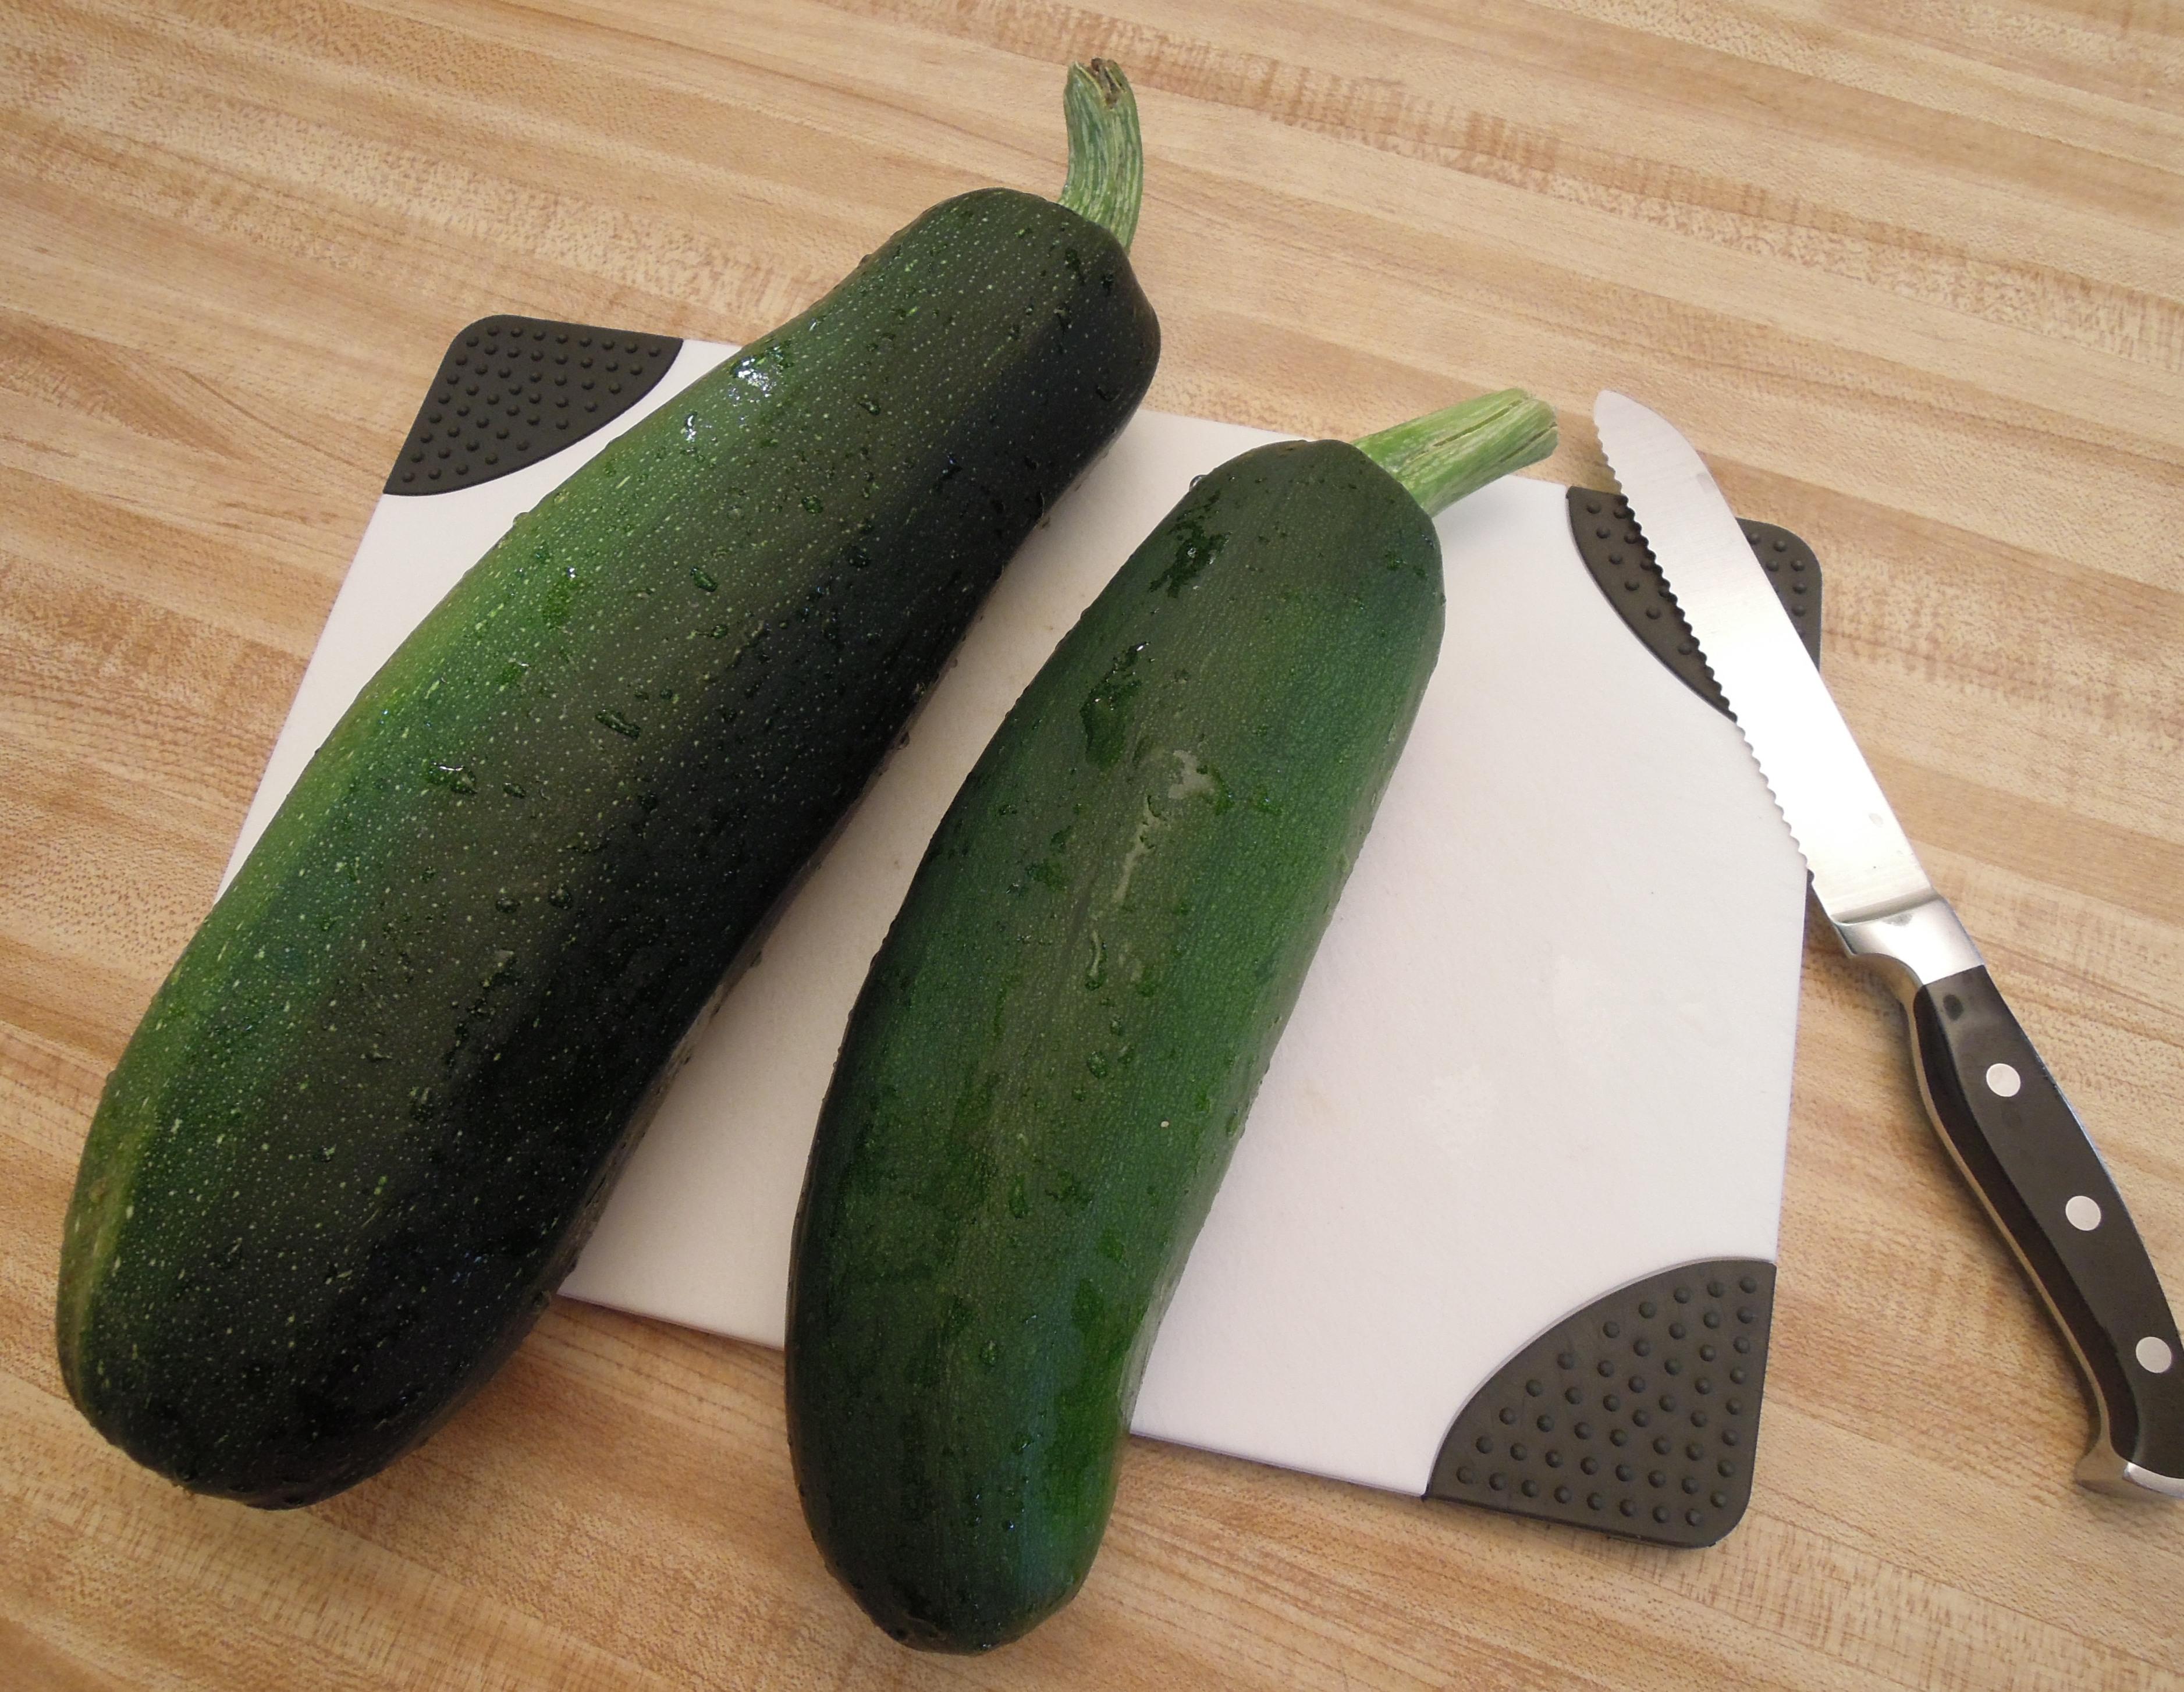 2 zucchini